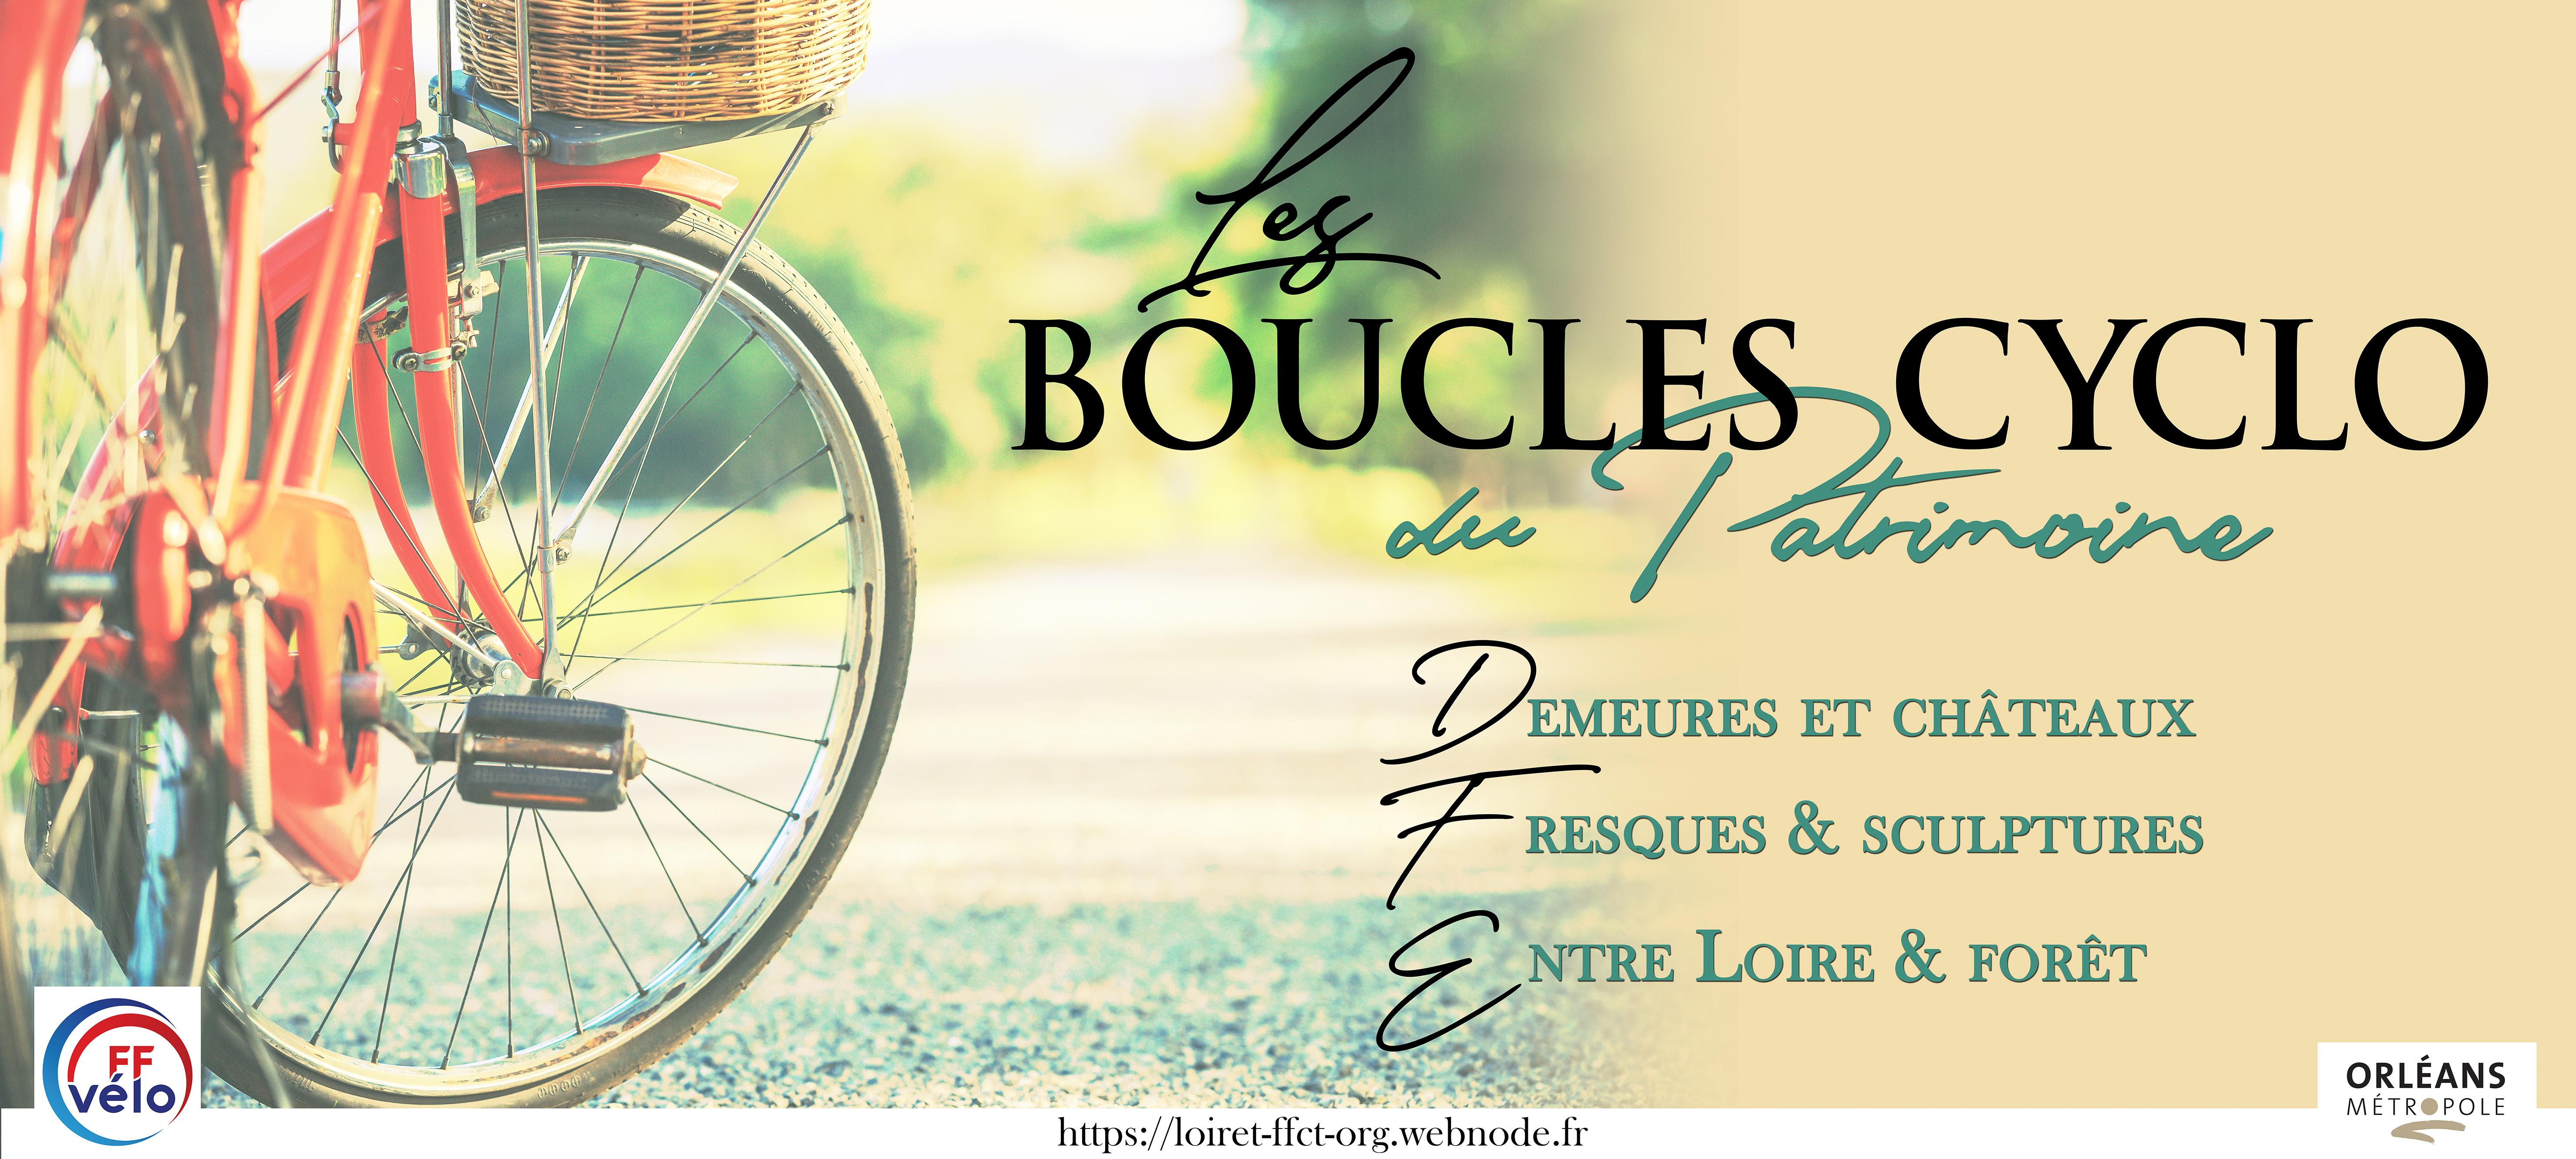 Informations et inscriptions aux Boucles Cyclo du Patrimoine